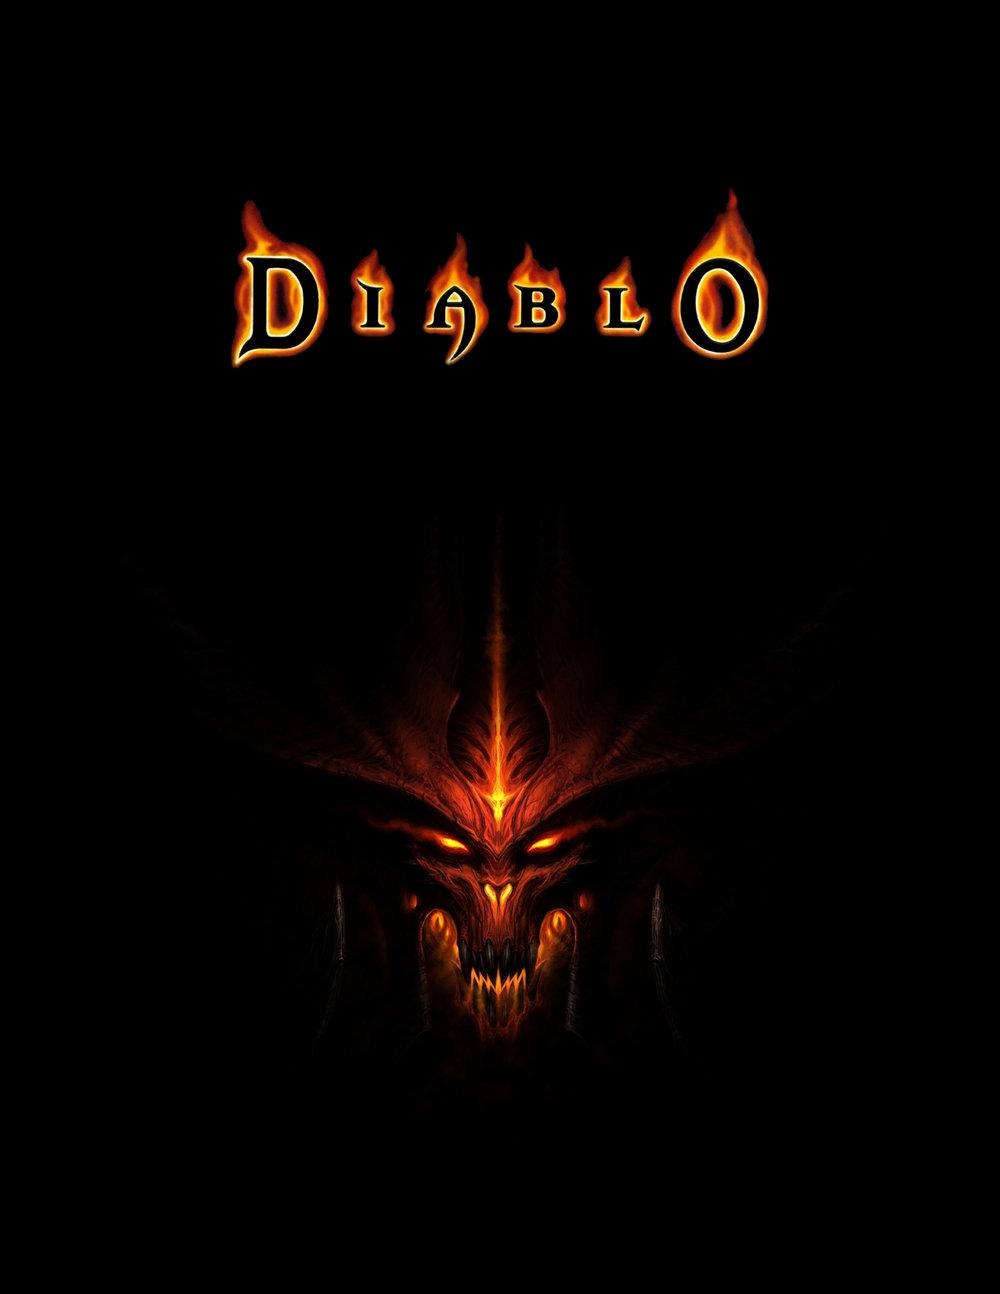 Diablo_Cover.jpg